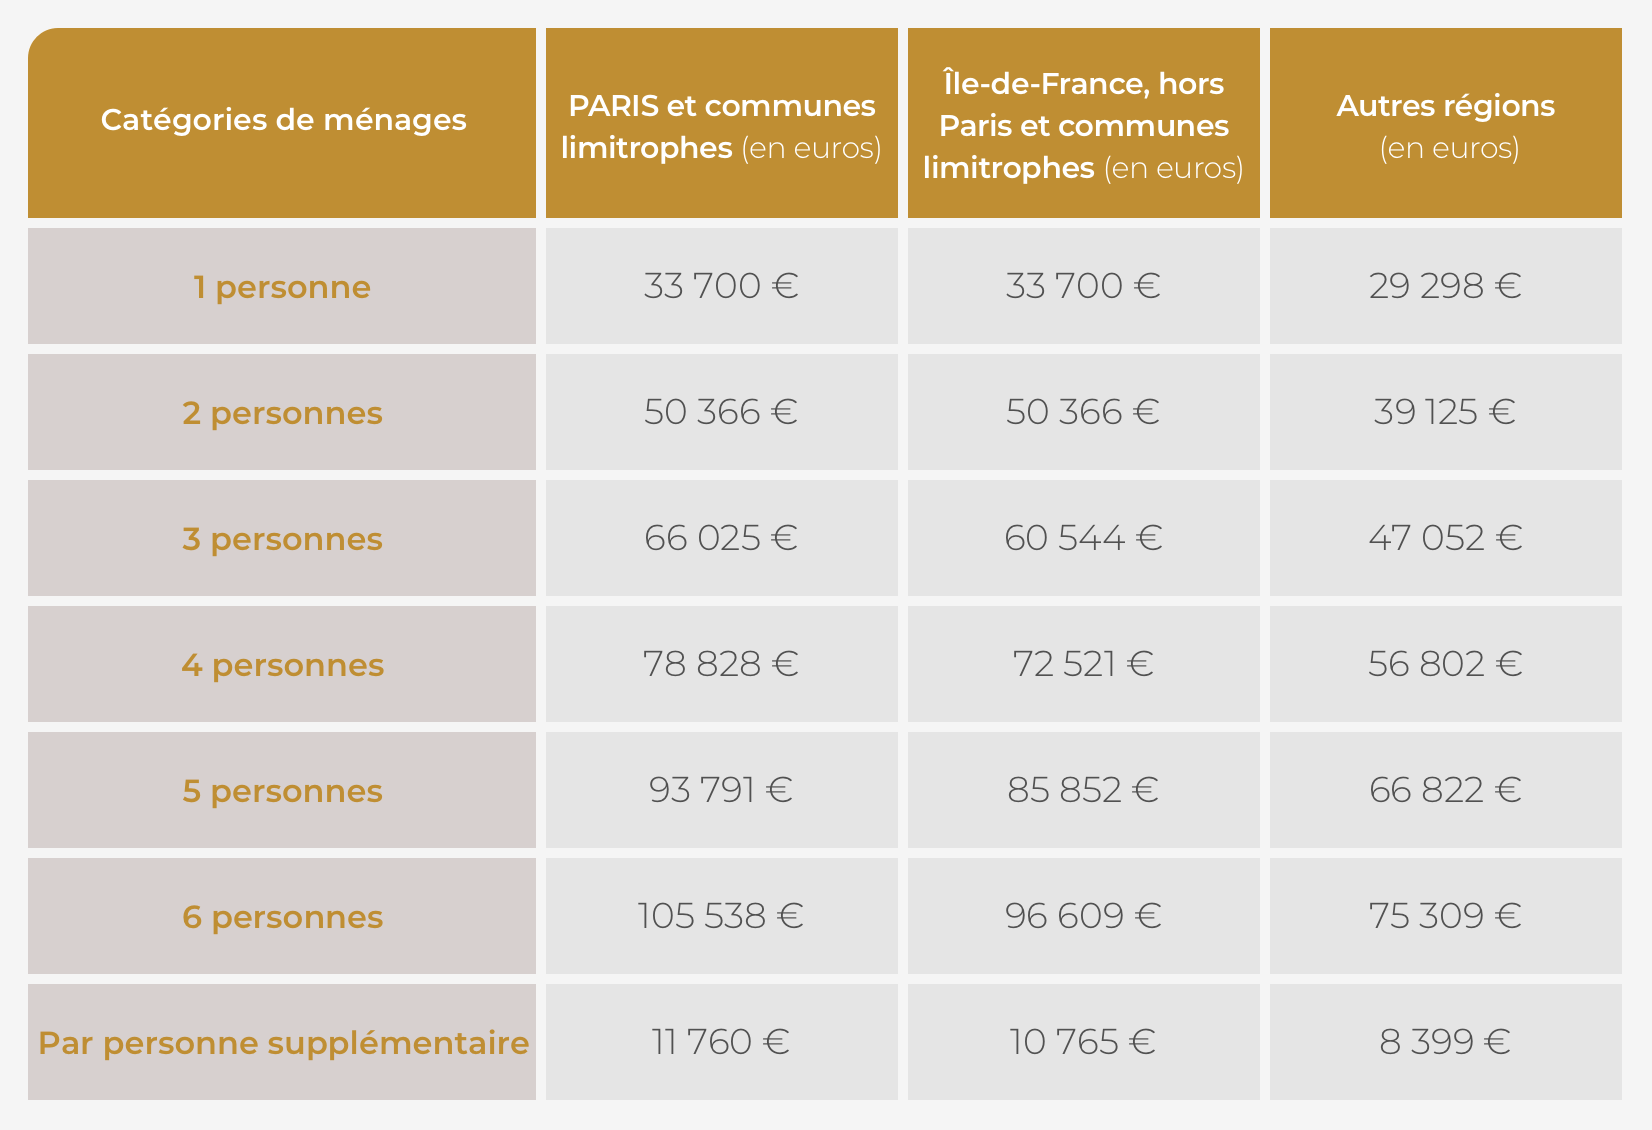 plafonds_de_ressources_tva_reduite_coffim